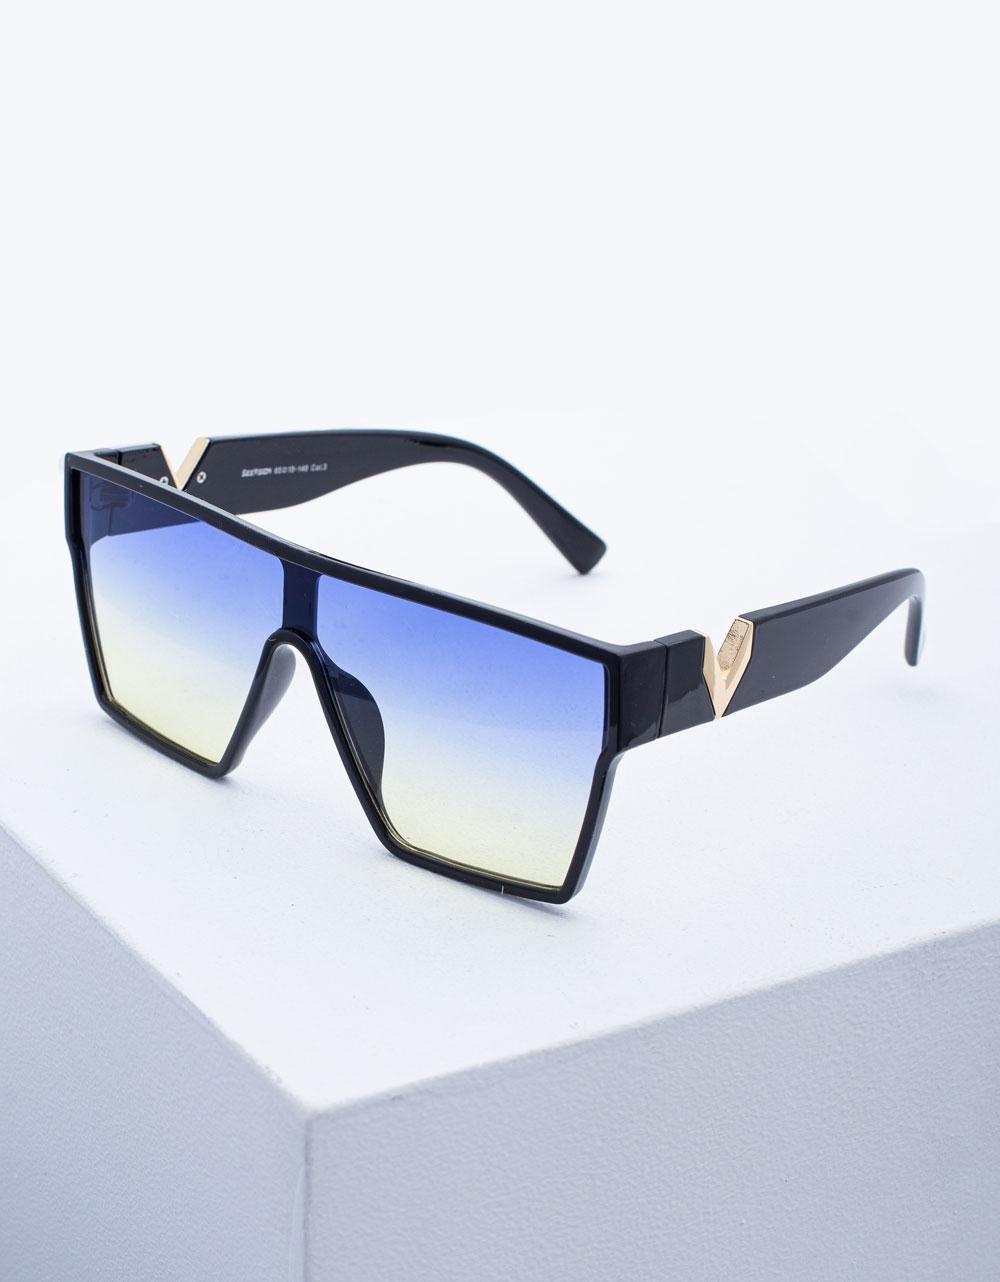 Εικόνα από Γυναικεία γυαλιά ηλίου Σιέλ